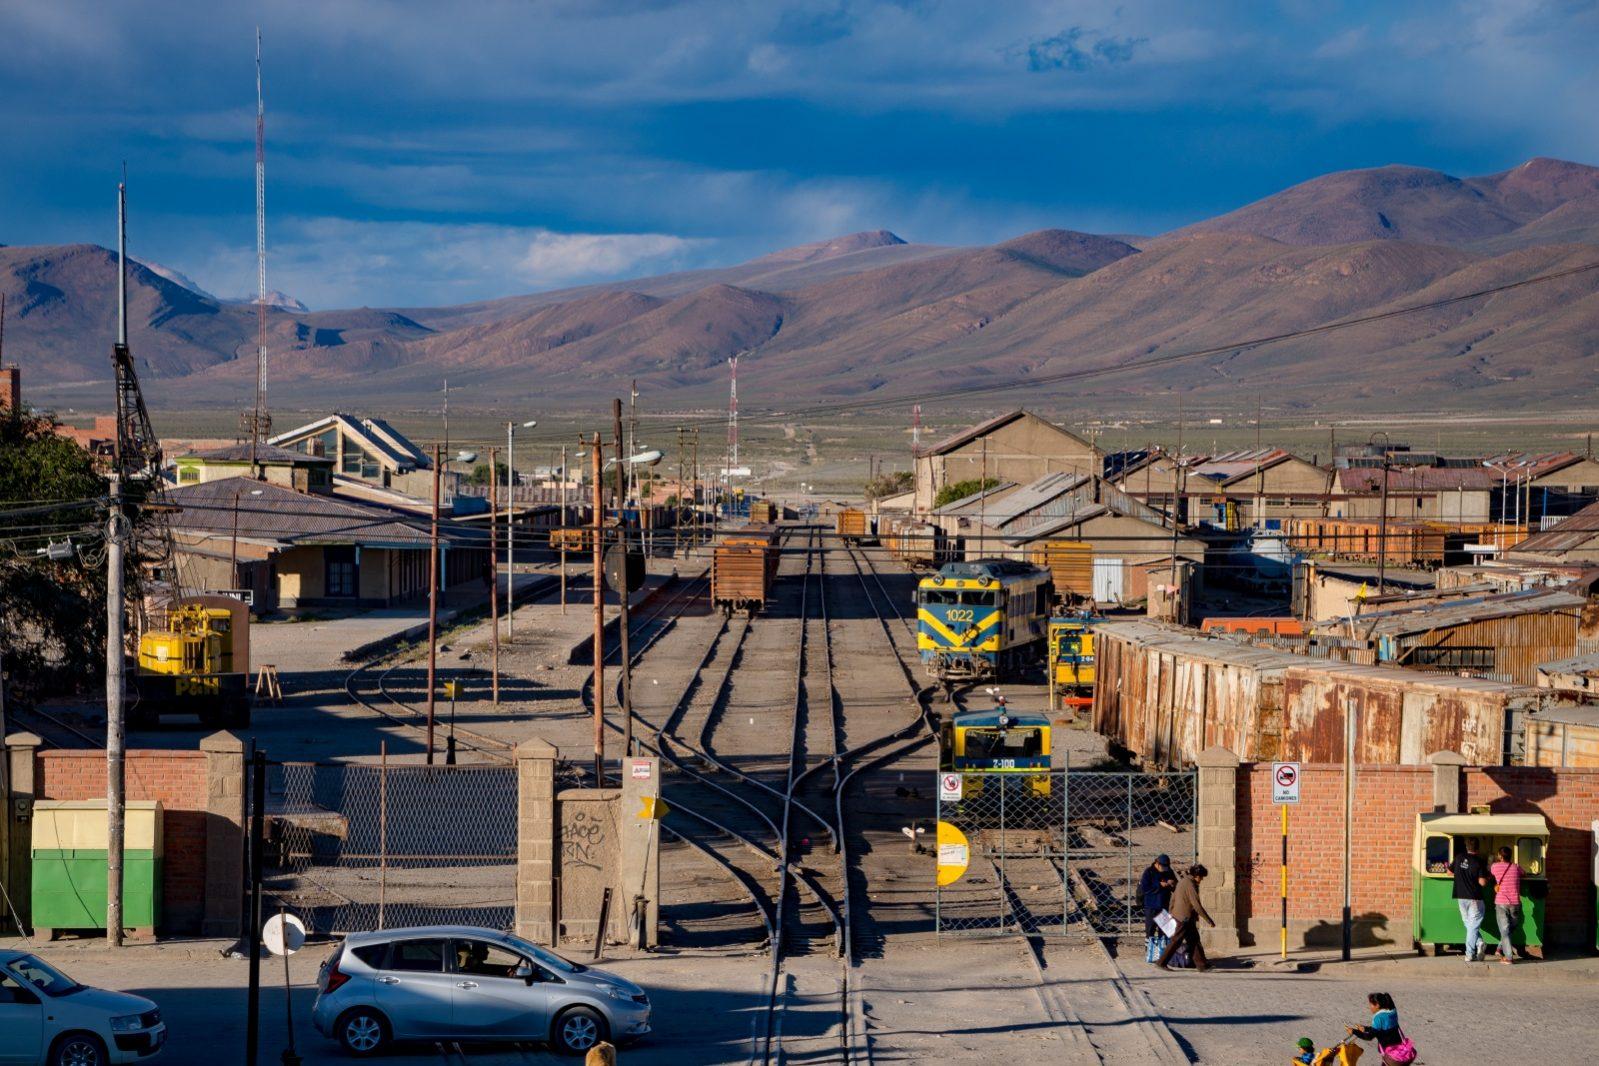 ウユニ駅 ボリビアの鉄道風景